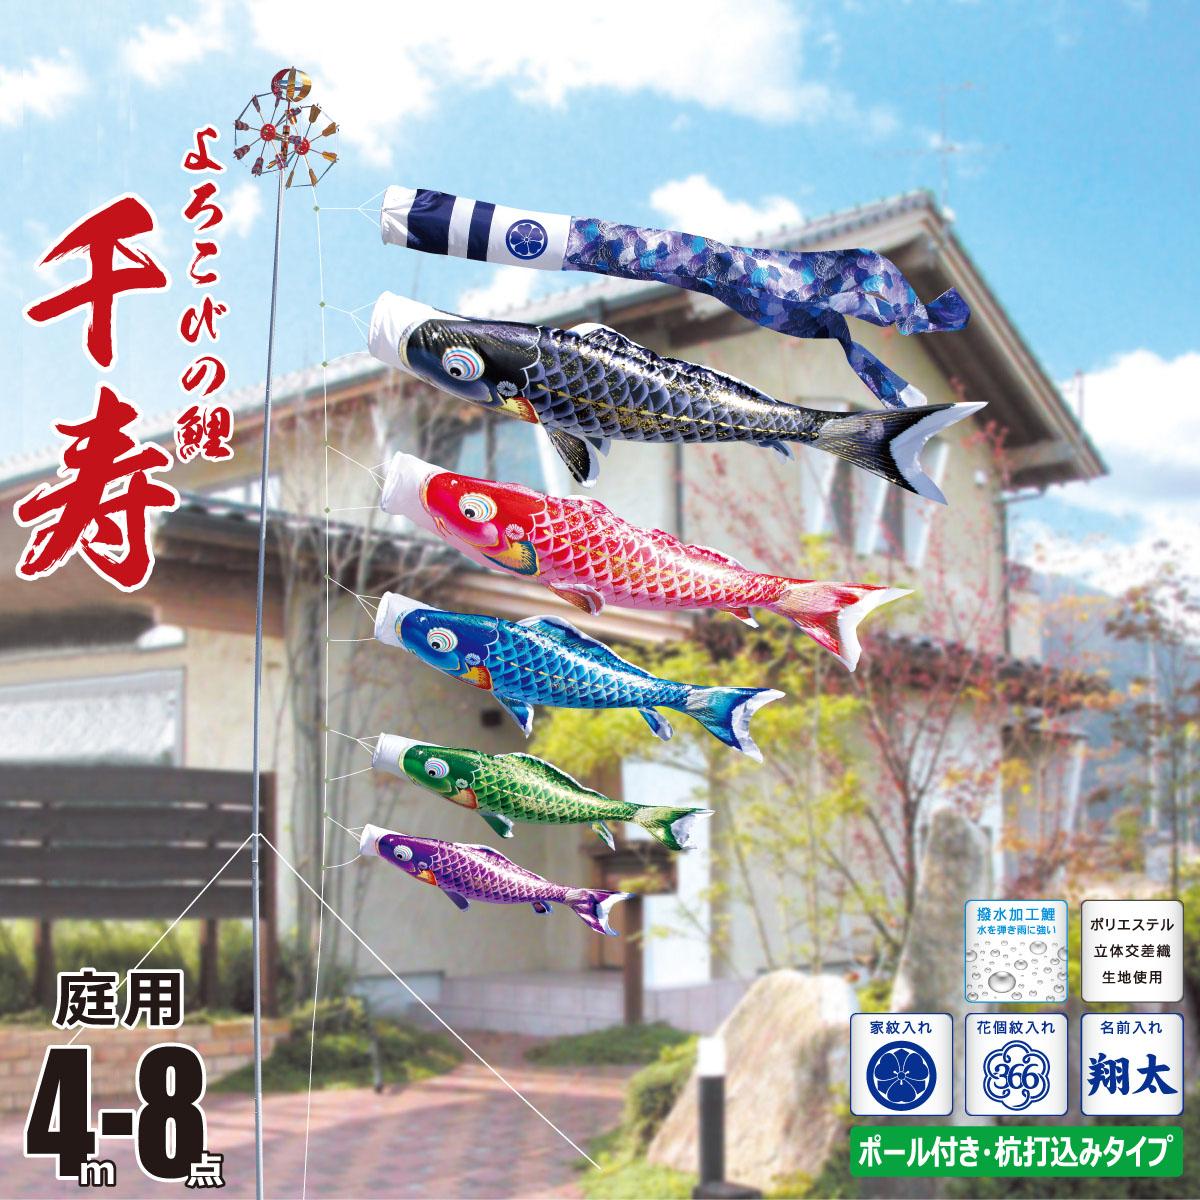 こいのぼり 4m 千寿 8点 (矢車、ロープ、吹流し、鯉5匹) 庭園用 ガーデンセット (専用ポール一式) 徳永鯉のぼり KIT-112-132